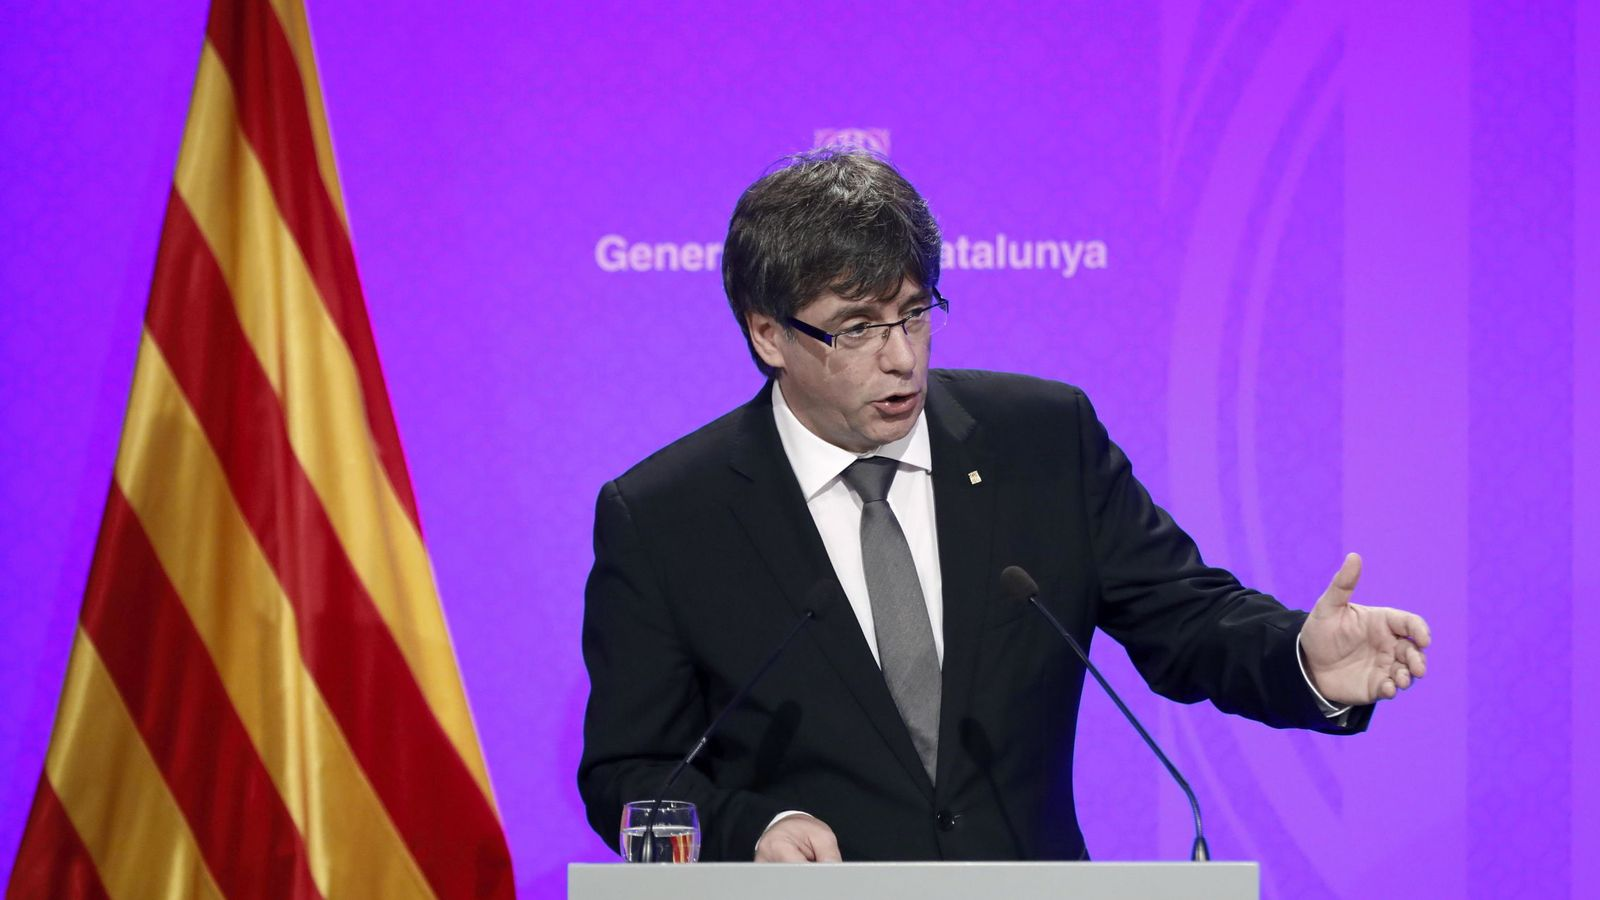 Foto: El presidente de Cataluña, Carles Puigdemont, en una rueda de prensa en el Palau de la Generalitat. (EFE)